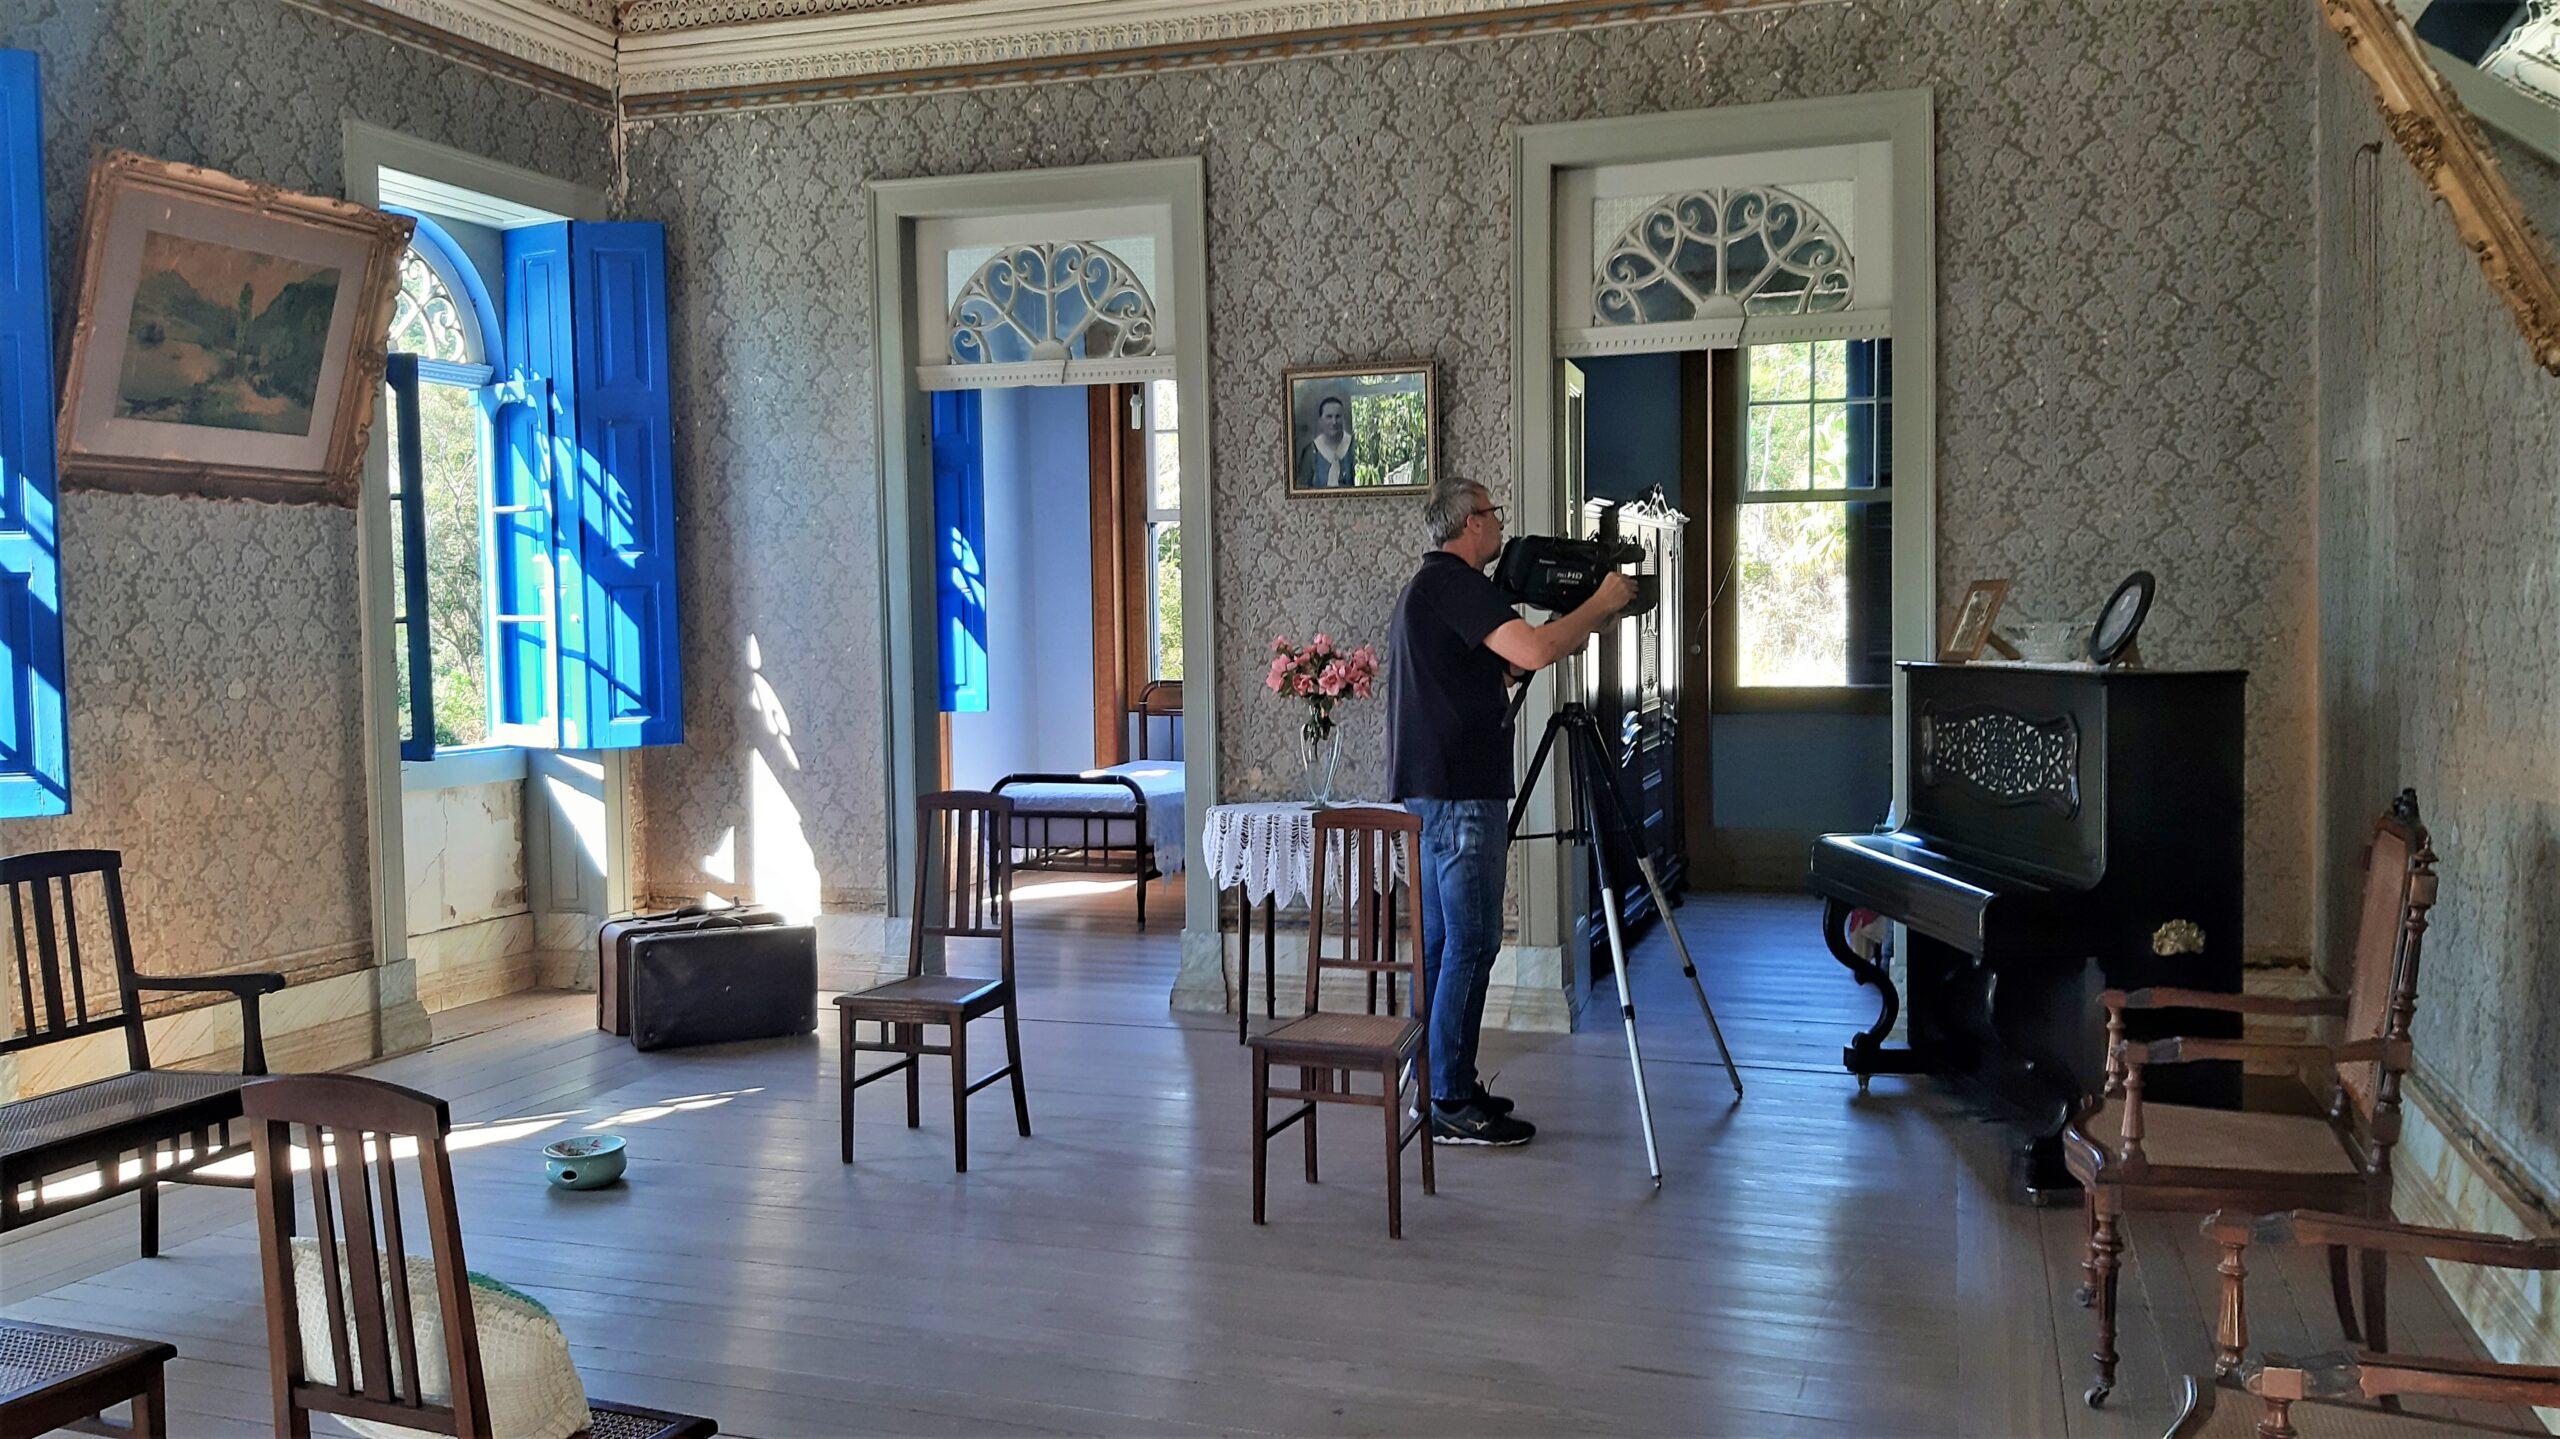 Cinegrafista Noé grava documentário produzido pelo portal de notícias Serranews. Acervo pessoal